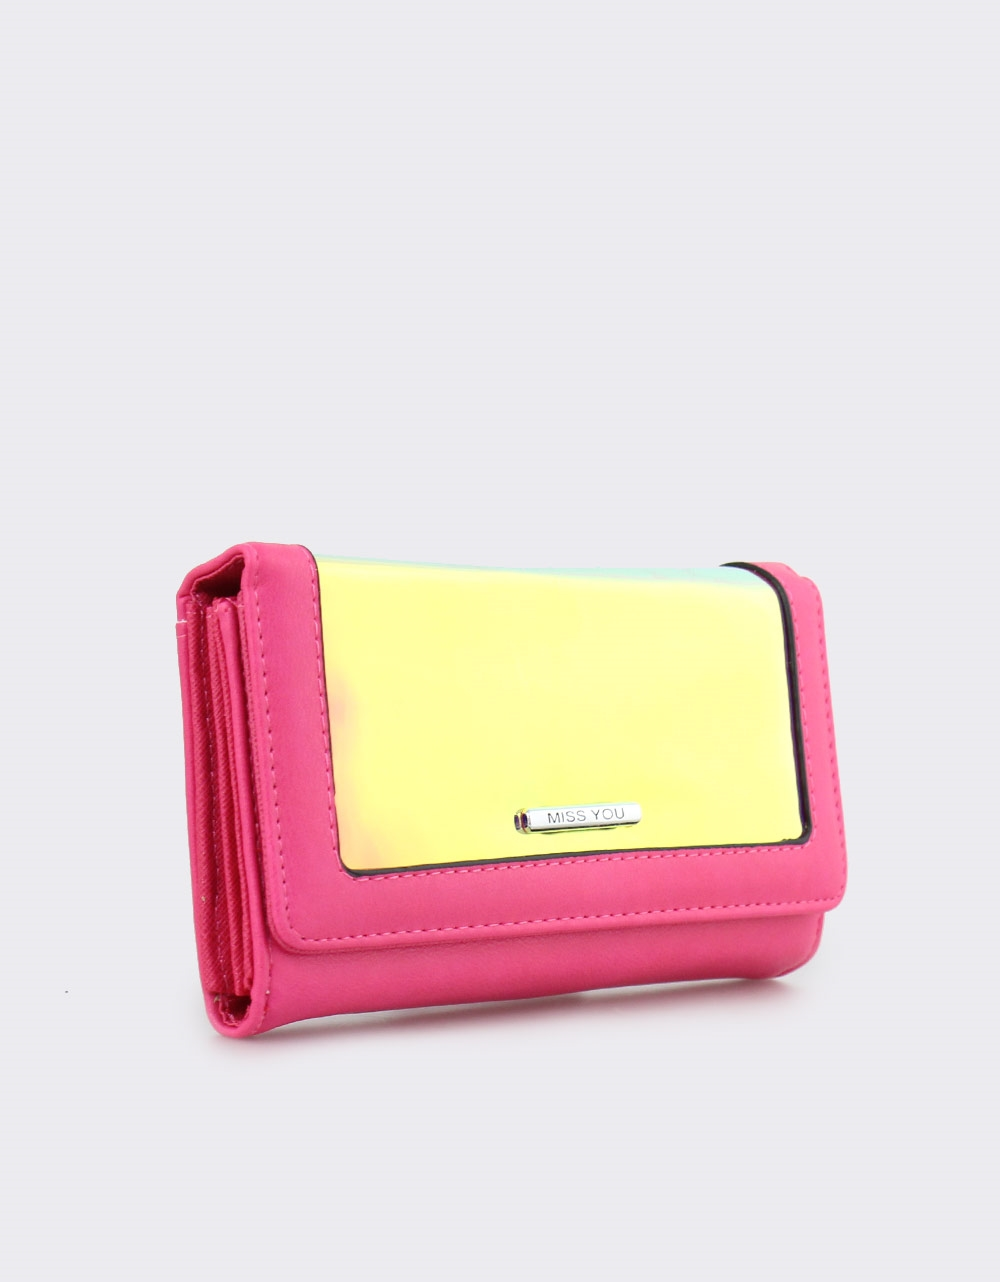 Εικόνα από Γυναικεία πορτοφόλια με μεταλλιζέ λεπτομέρεια Φούξια